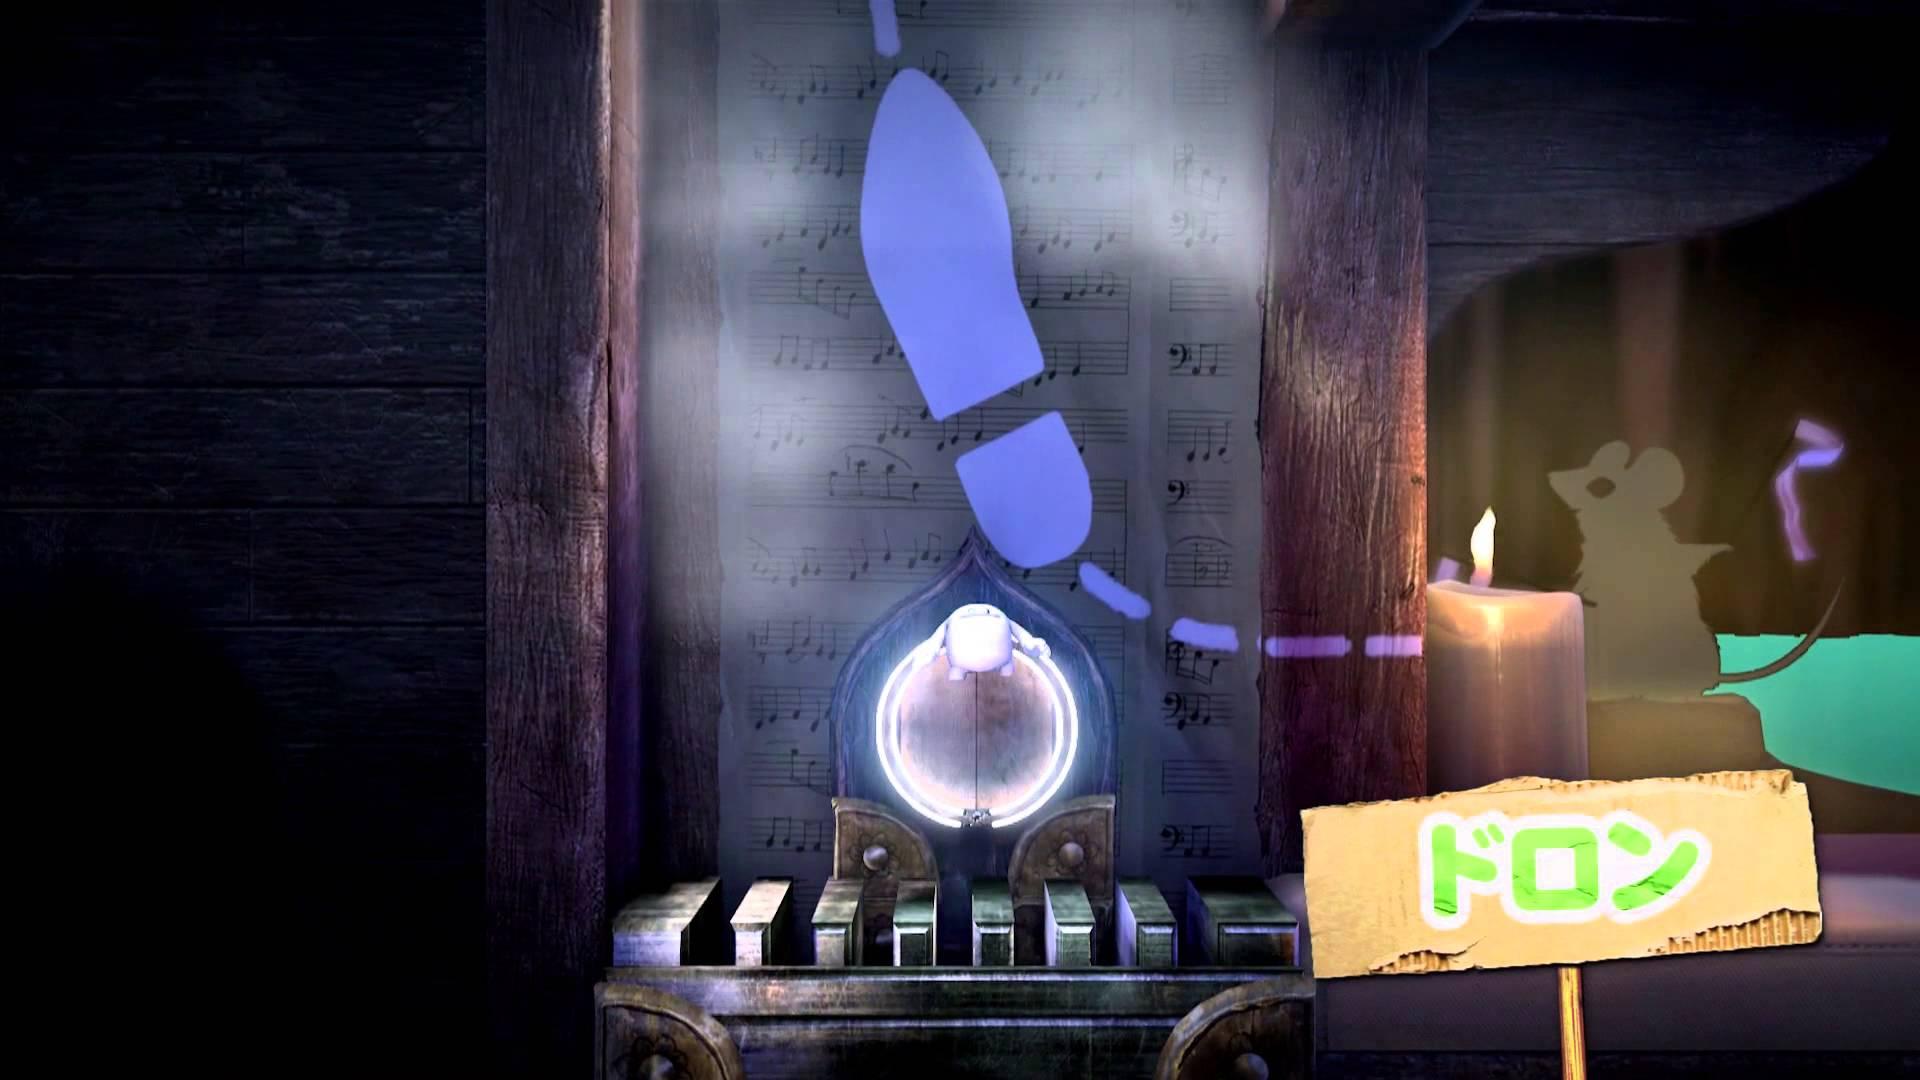 『リトルビッグプラネット3』ストーリー、キャラクター、クリエイト&シェアを紹介する国内向けPV公開!